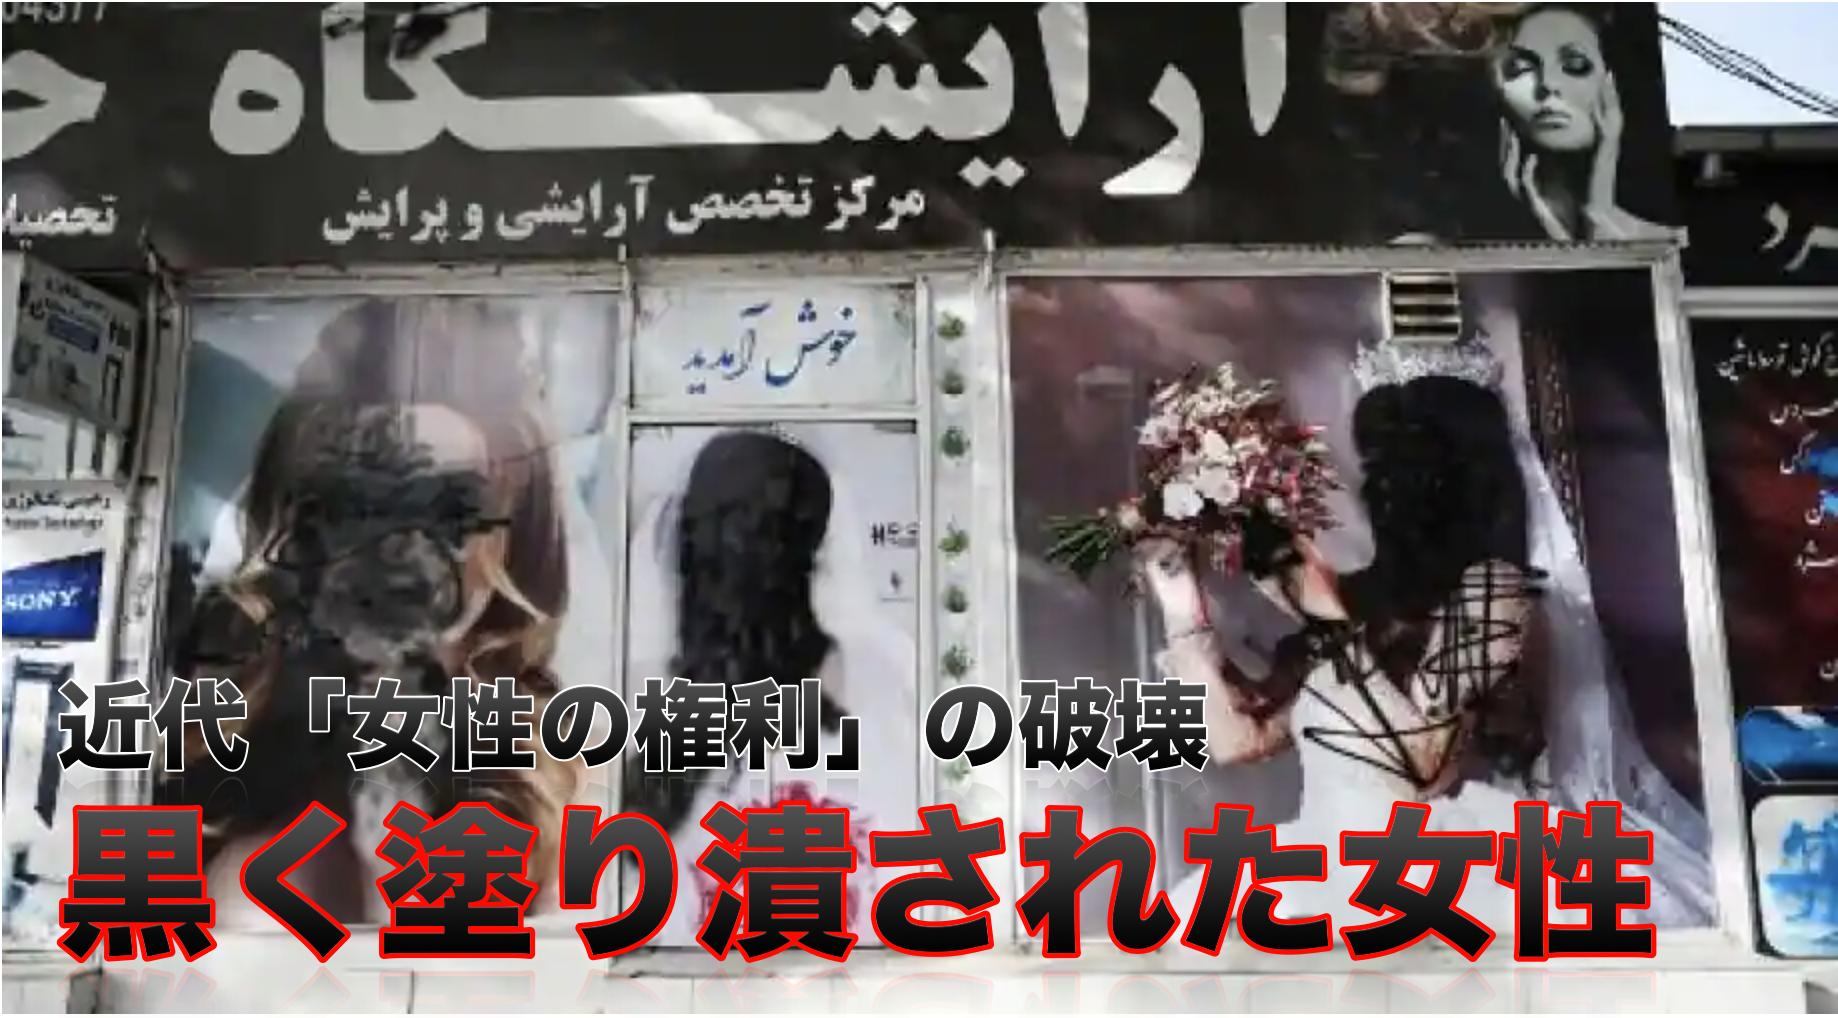 【作品解説】タリバンに黒く塗り潰された女性ポスター